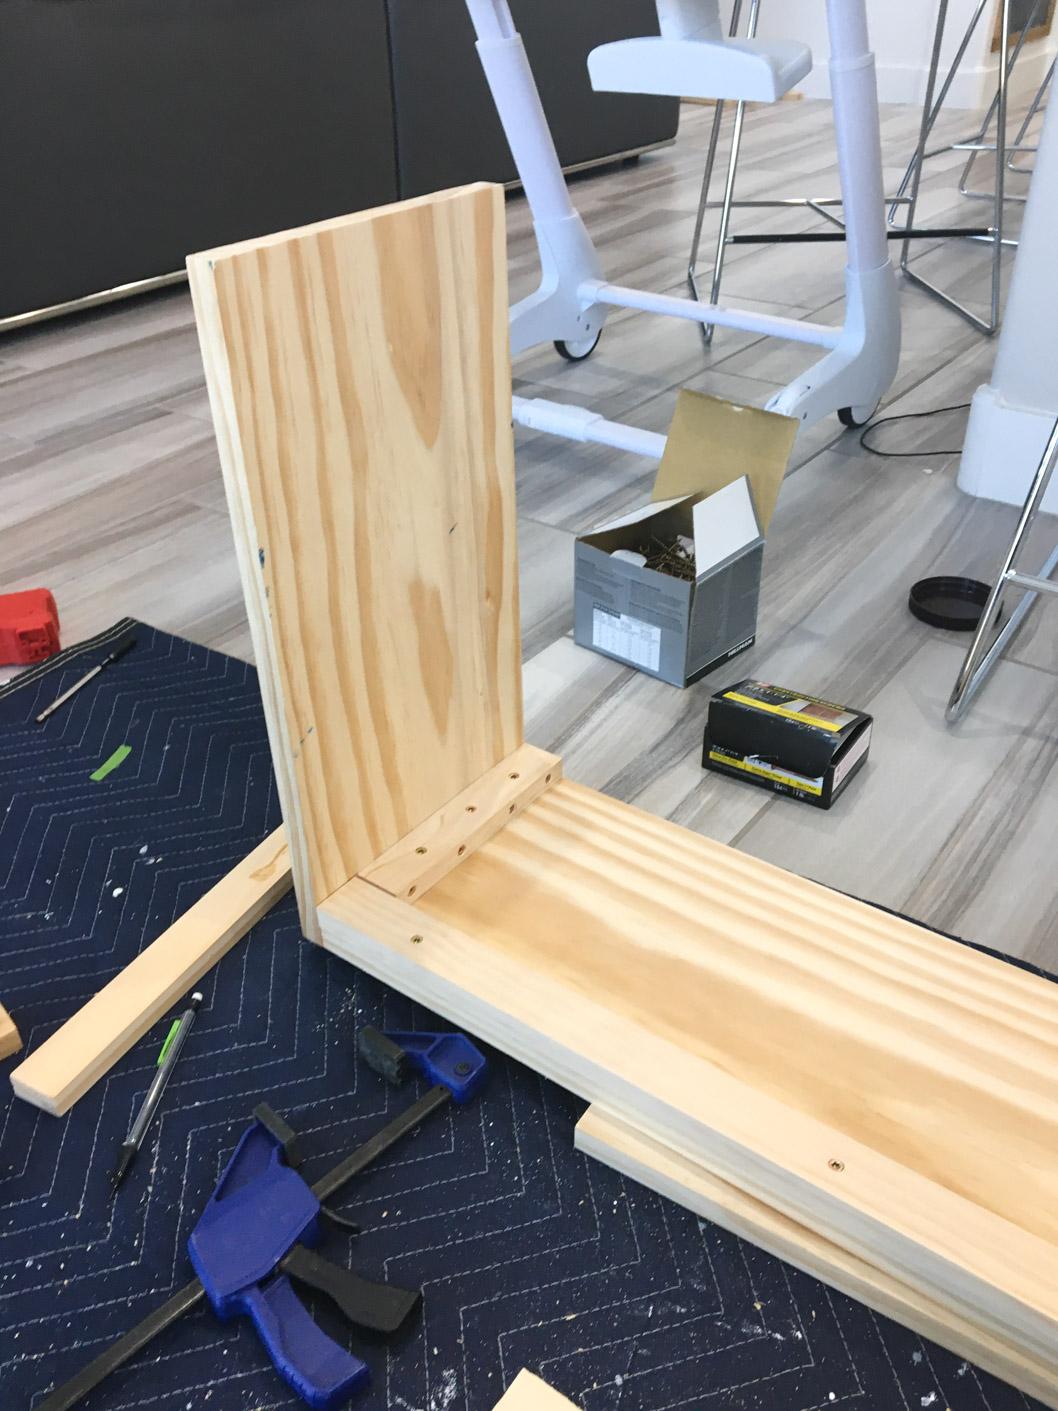 Right bench leg of DIY bench